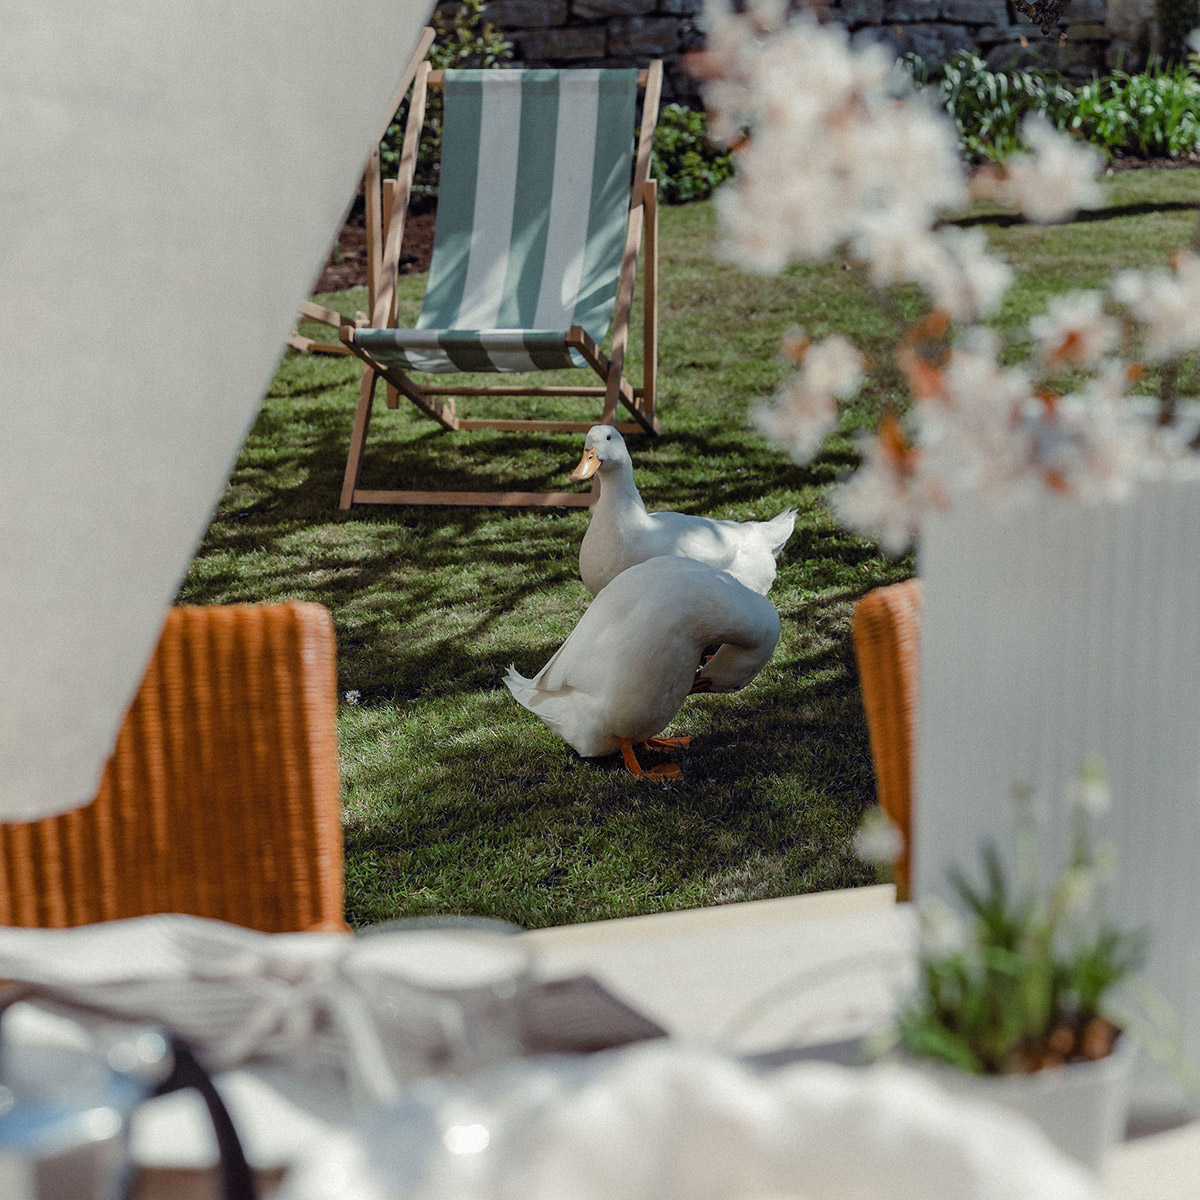 Studio Blackwell Fabric of Summer Deck Chair Zestar Clover Ducks